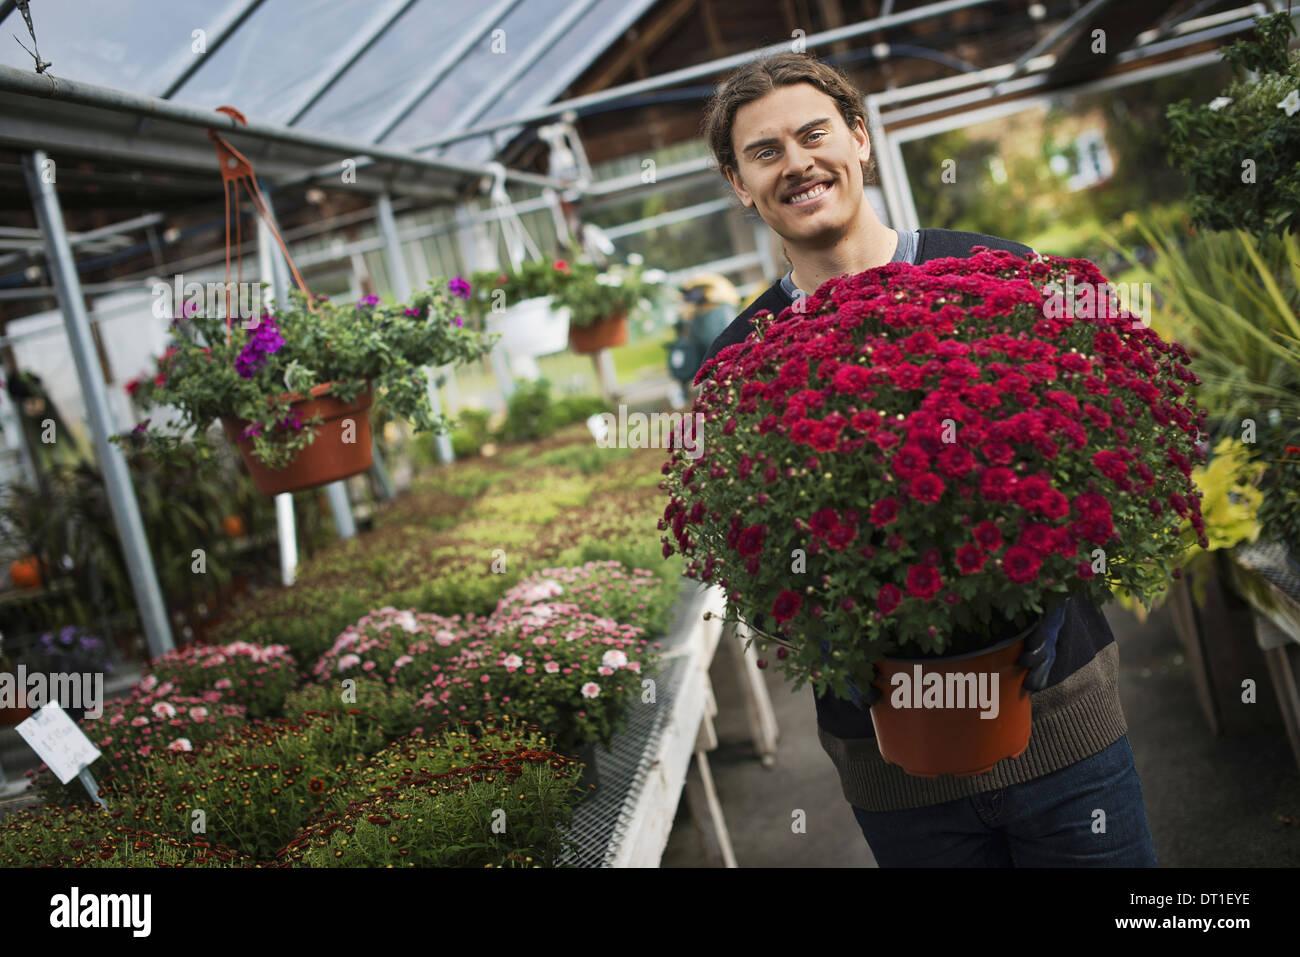 Junger landwirt bei der arbeit  Bio-Landwirt auf Arbeit A junger Mann hält einen großen Topf mit ...